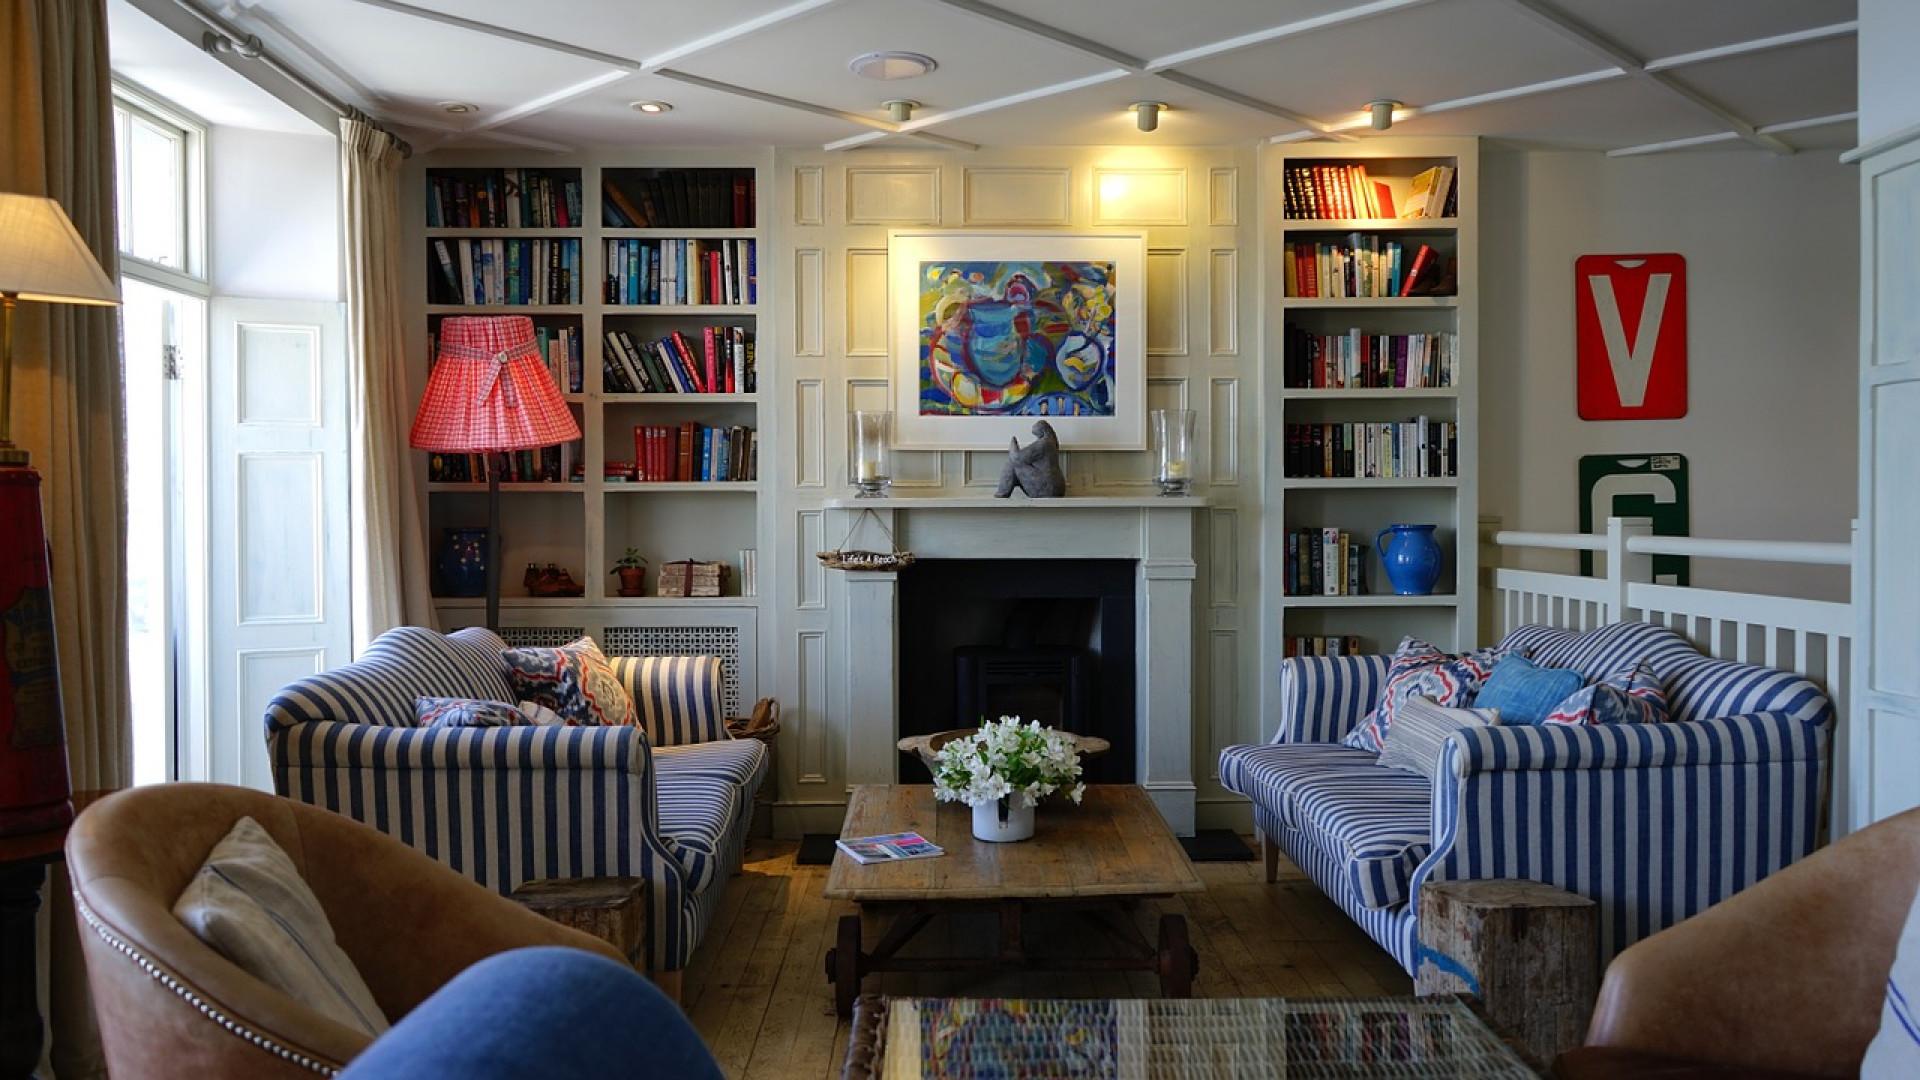 De nouveaux meubles dans la maison